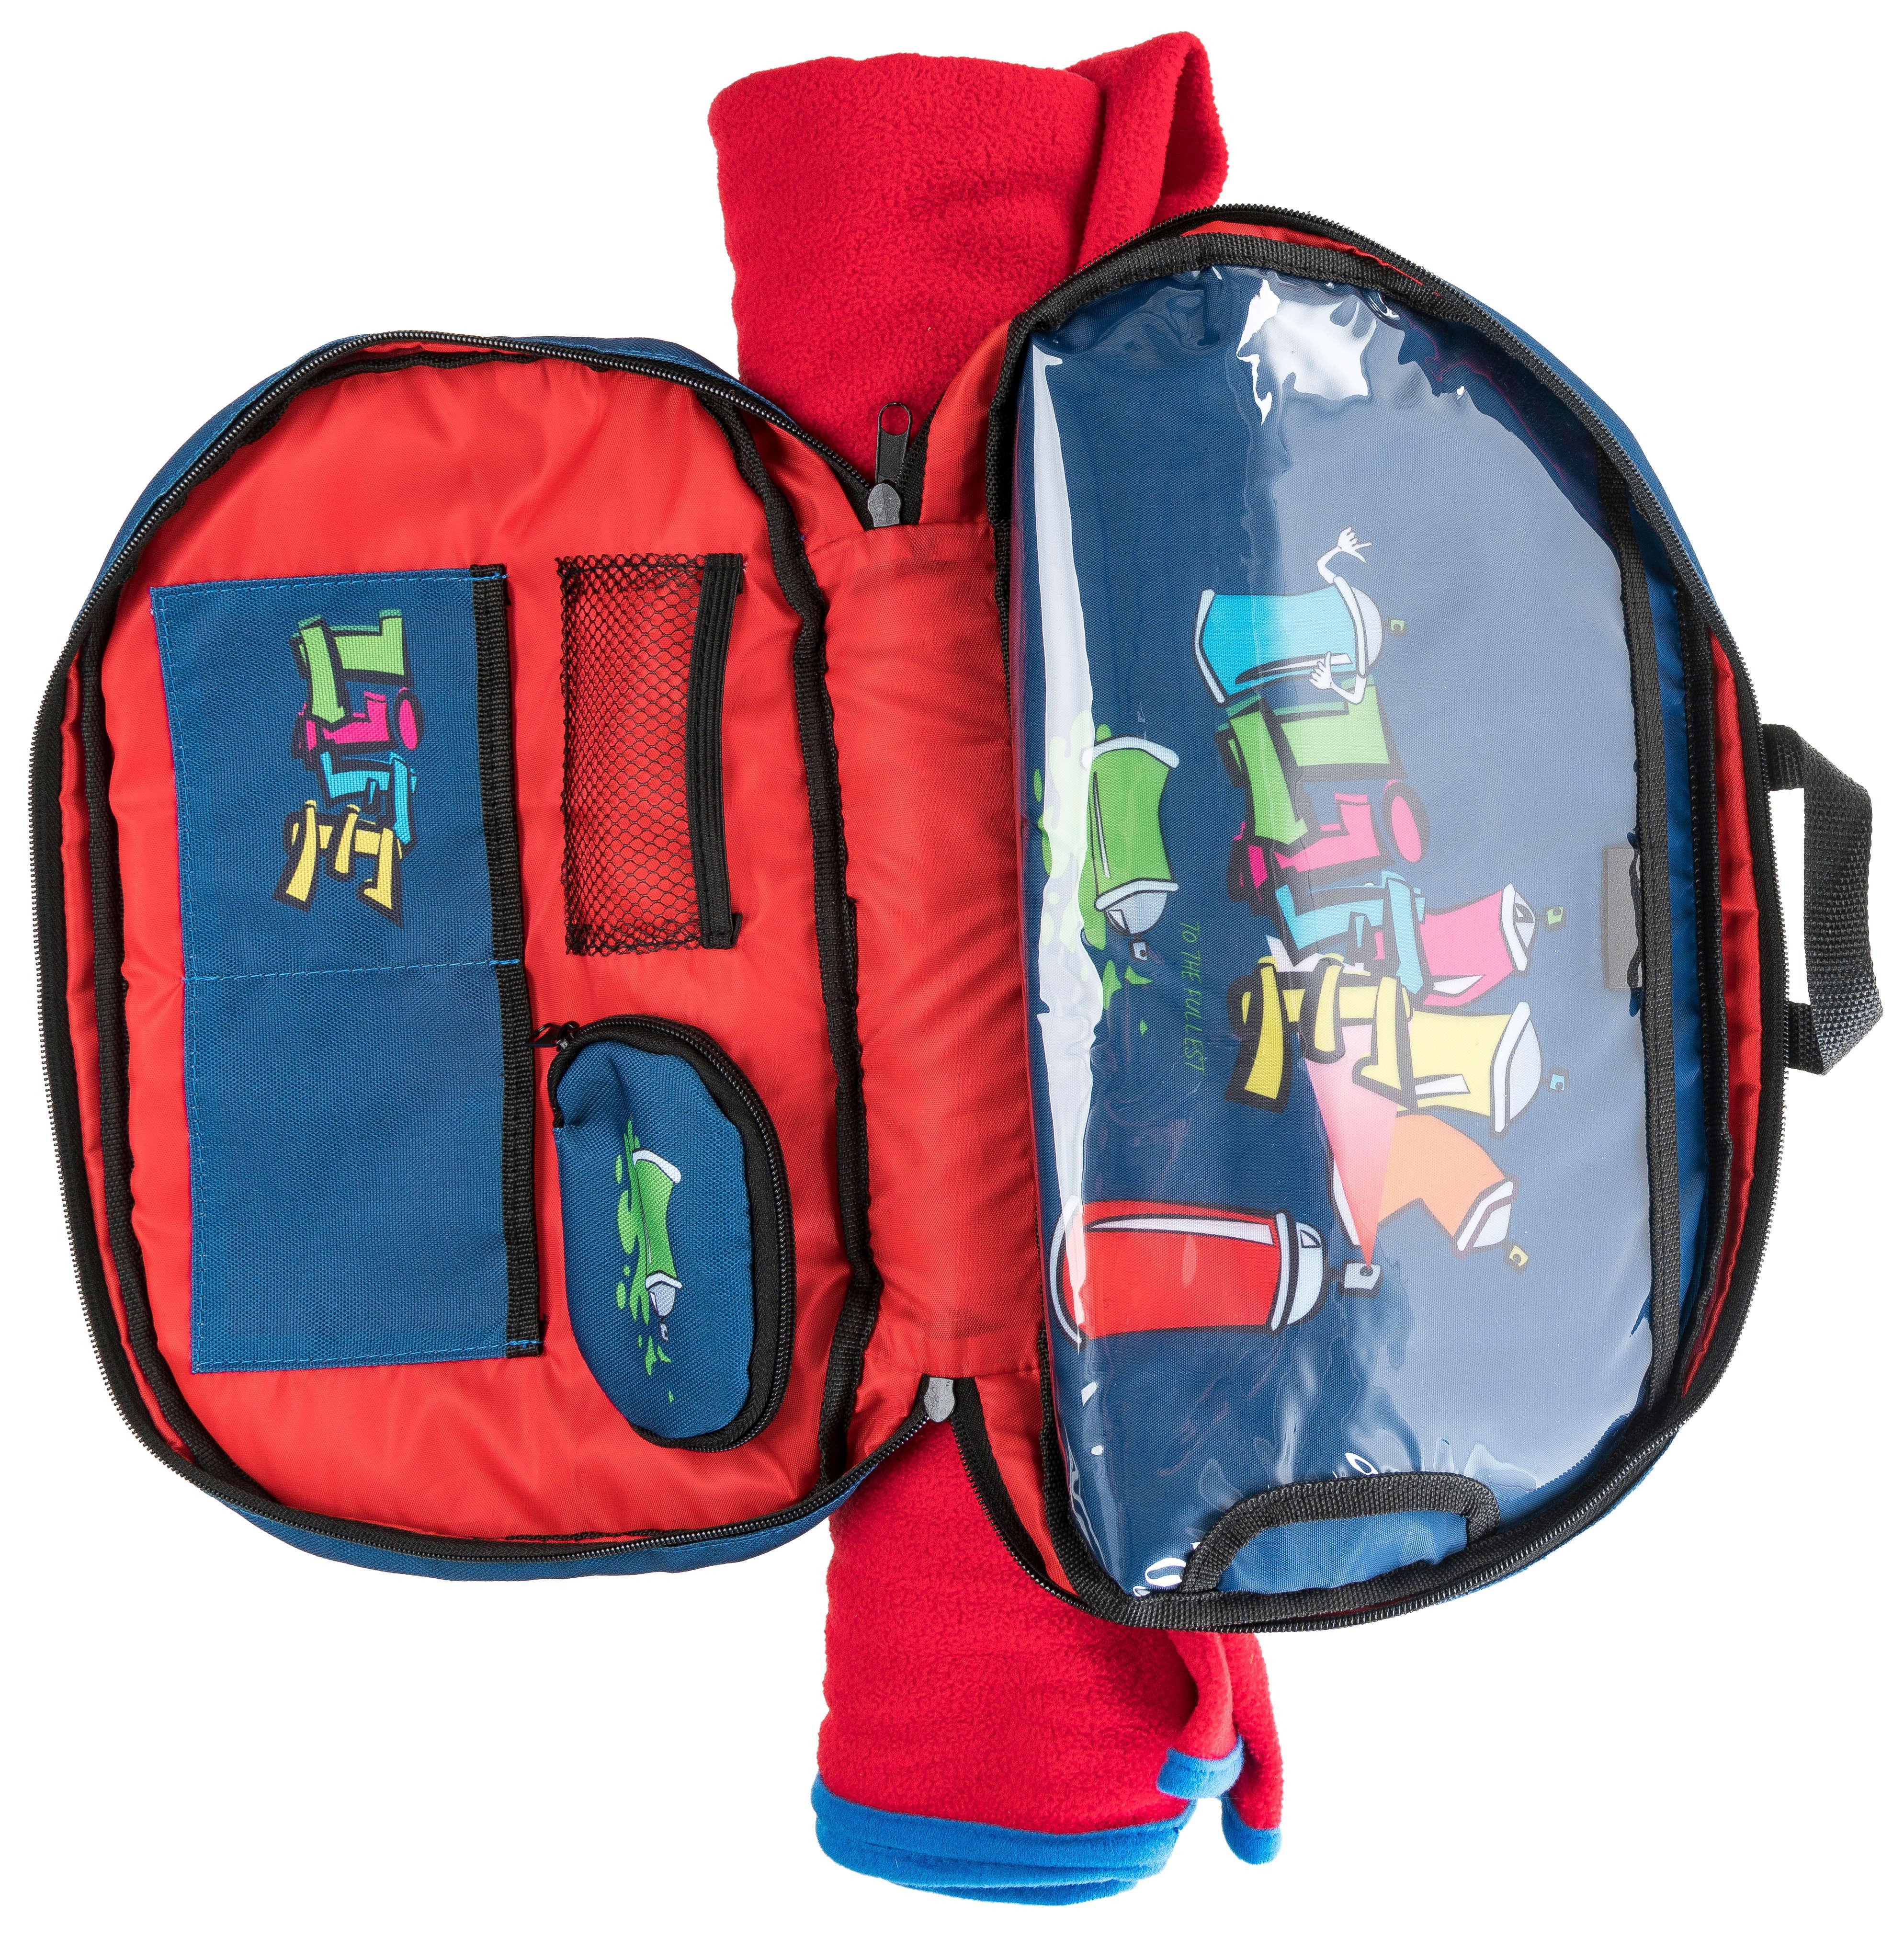 Gepäcktasche, Gepäckkorb WALSER 26180 Erfahrung